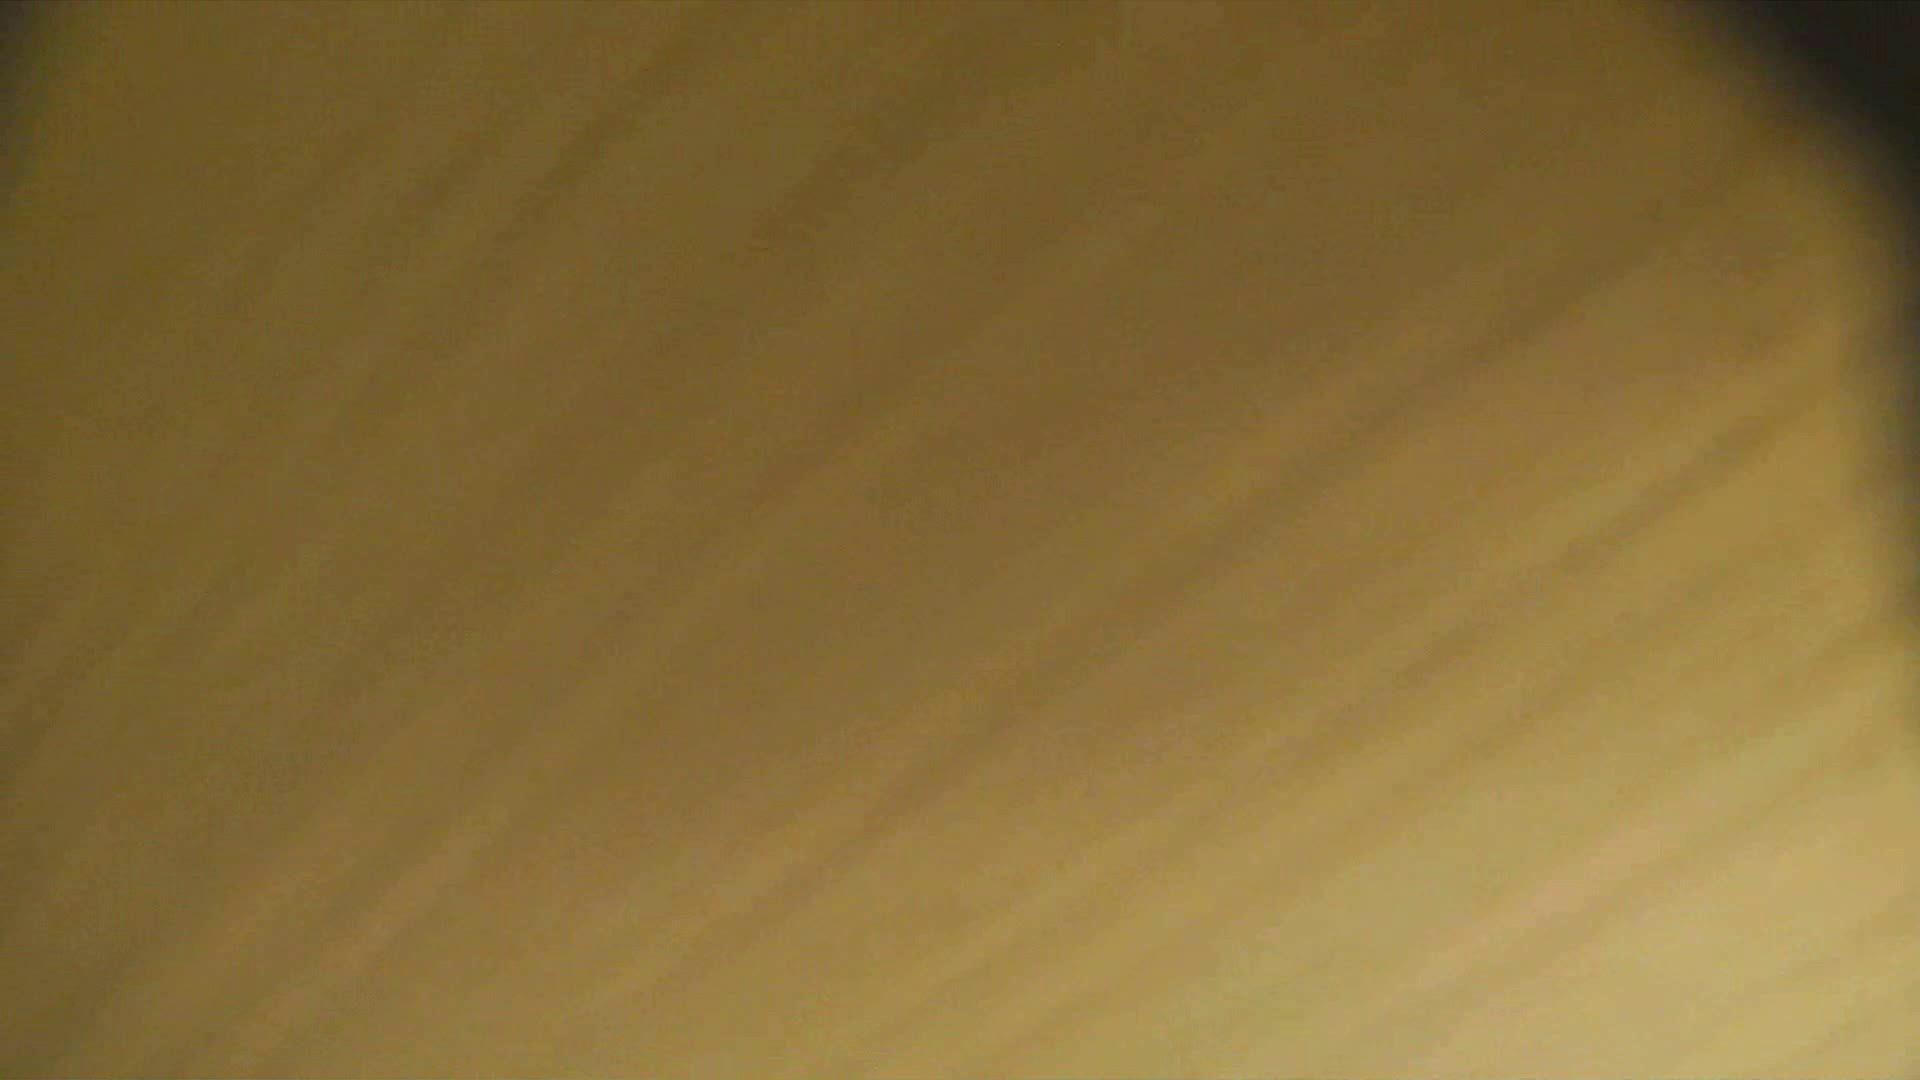 阿国ちゃんの「和式洋式七変化」No.10 和式で・・・ エロ画像 66画像 41